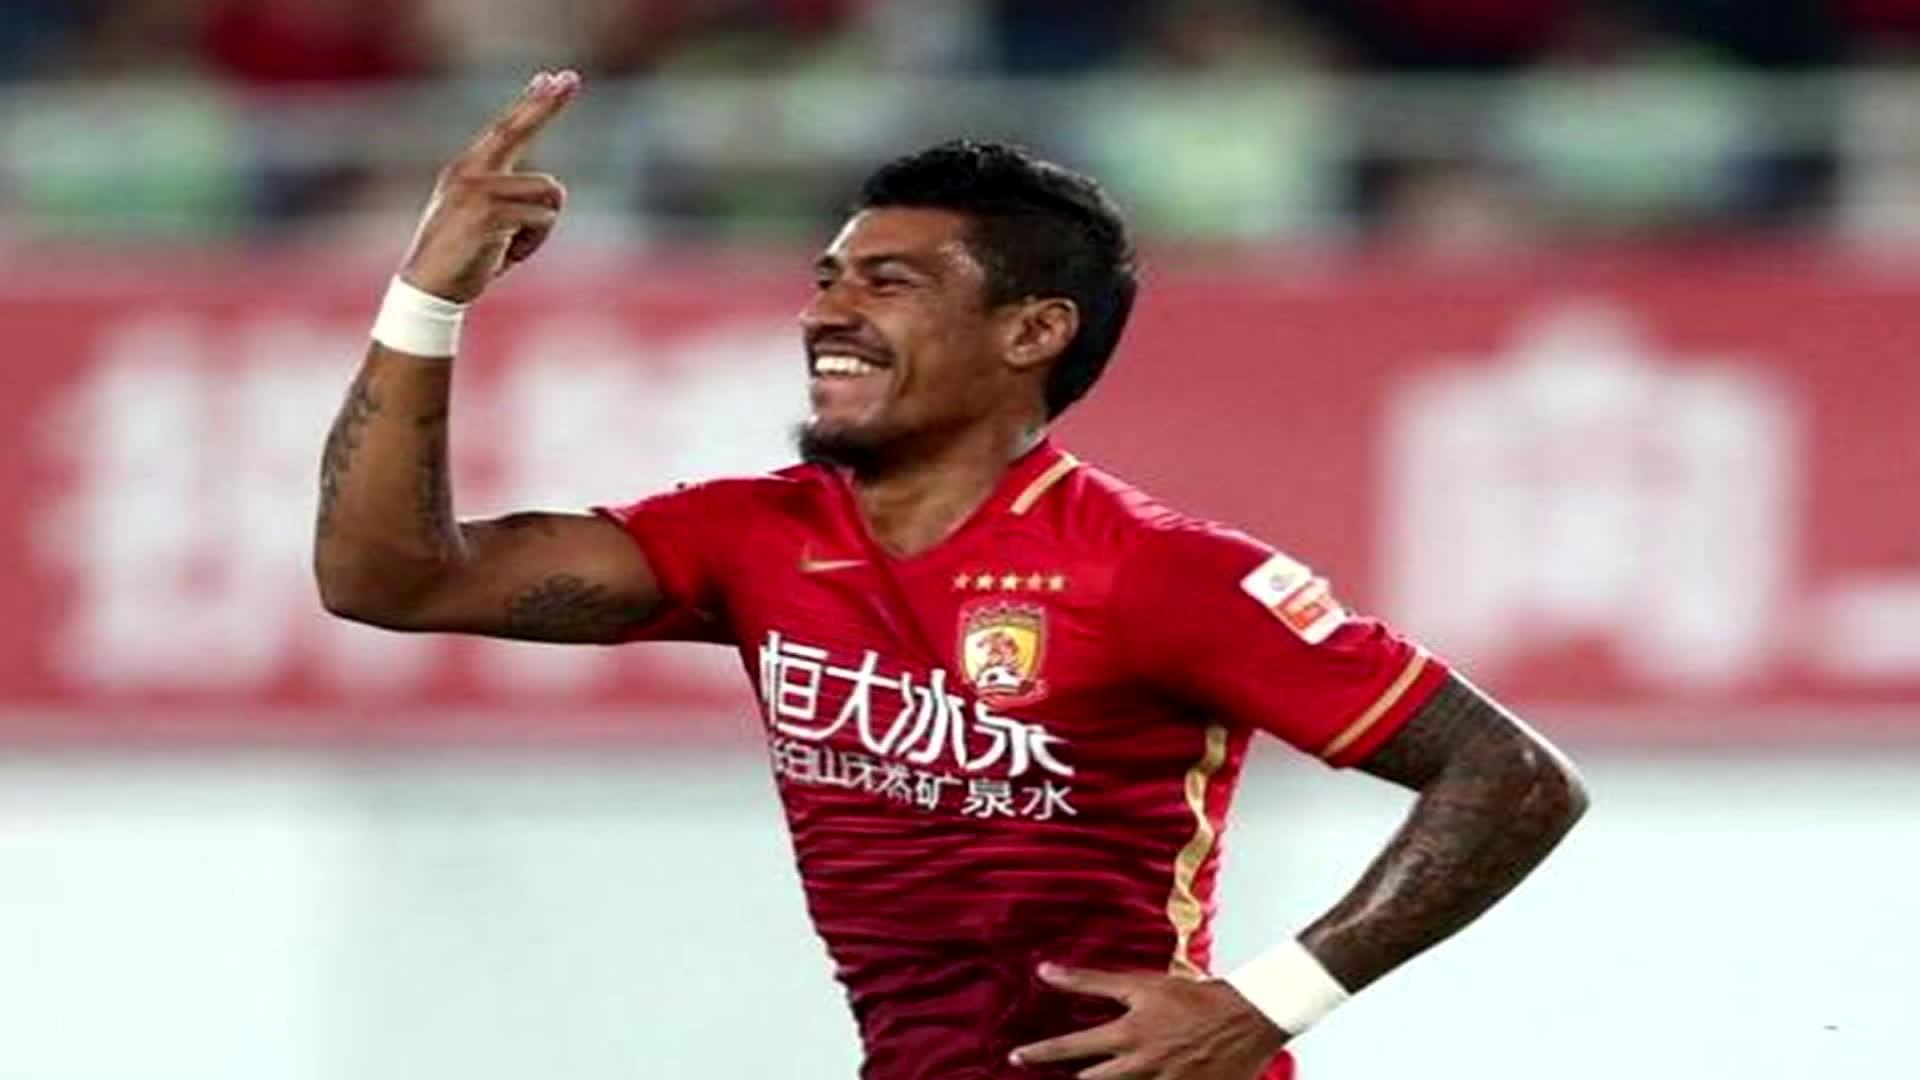 亚足联选17赛季亚冠最佳中场 保利尼奥高拉特武磊3人入围